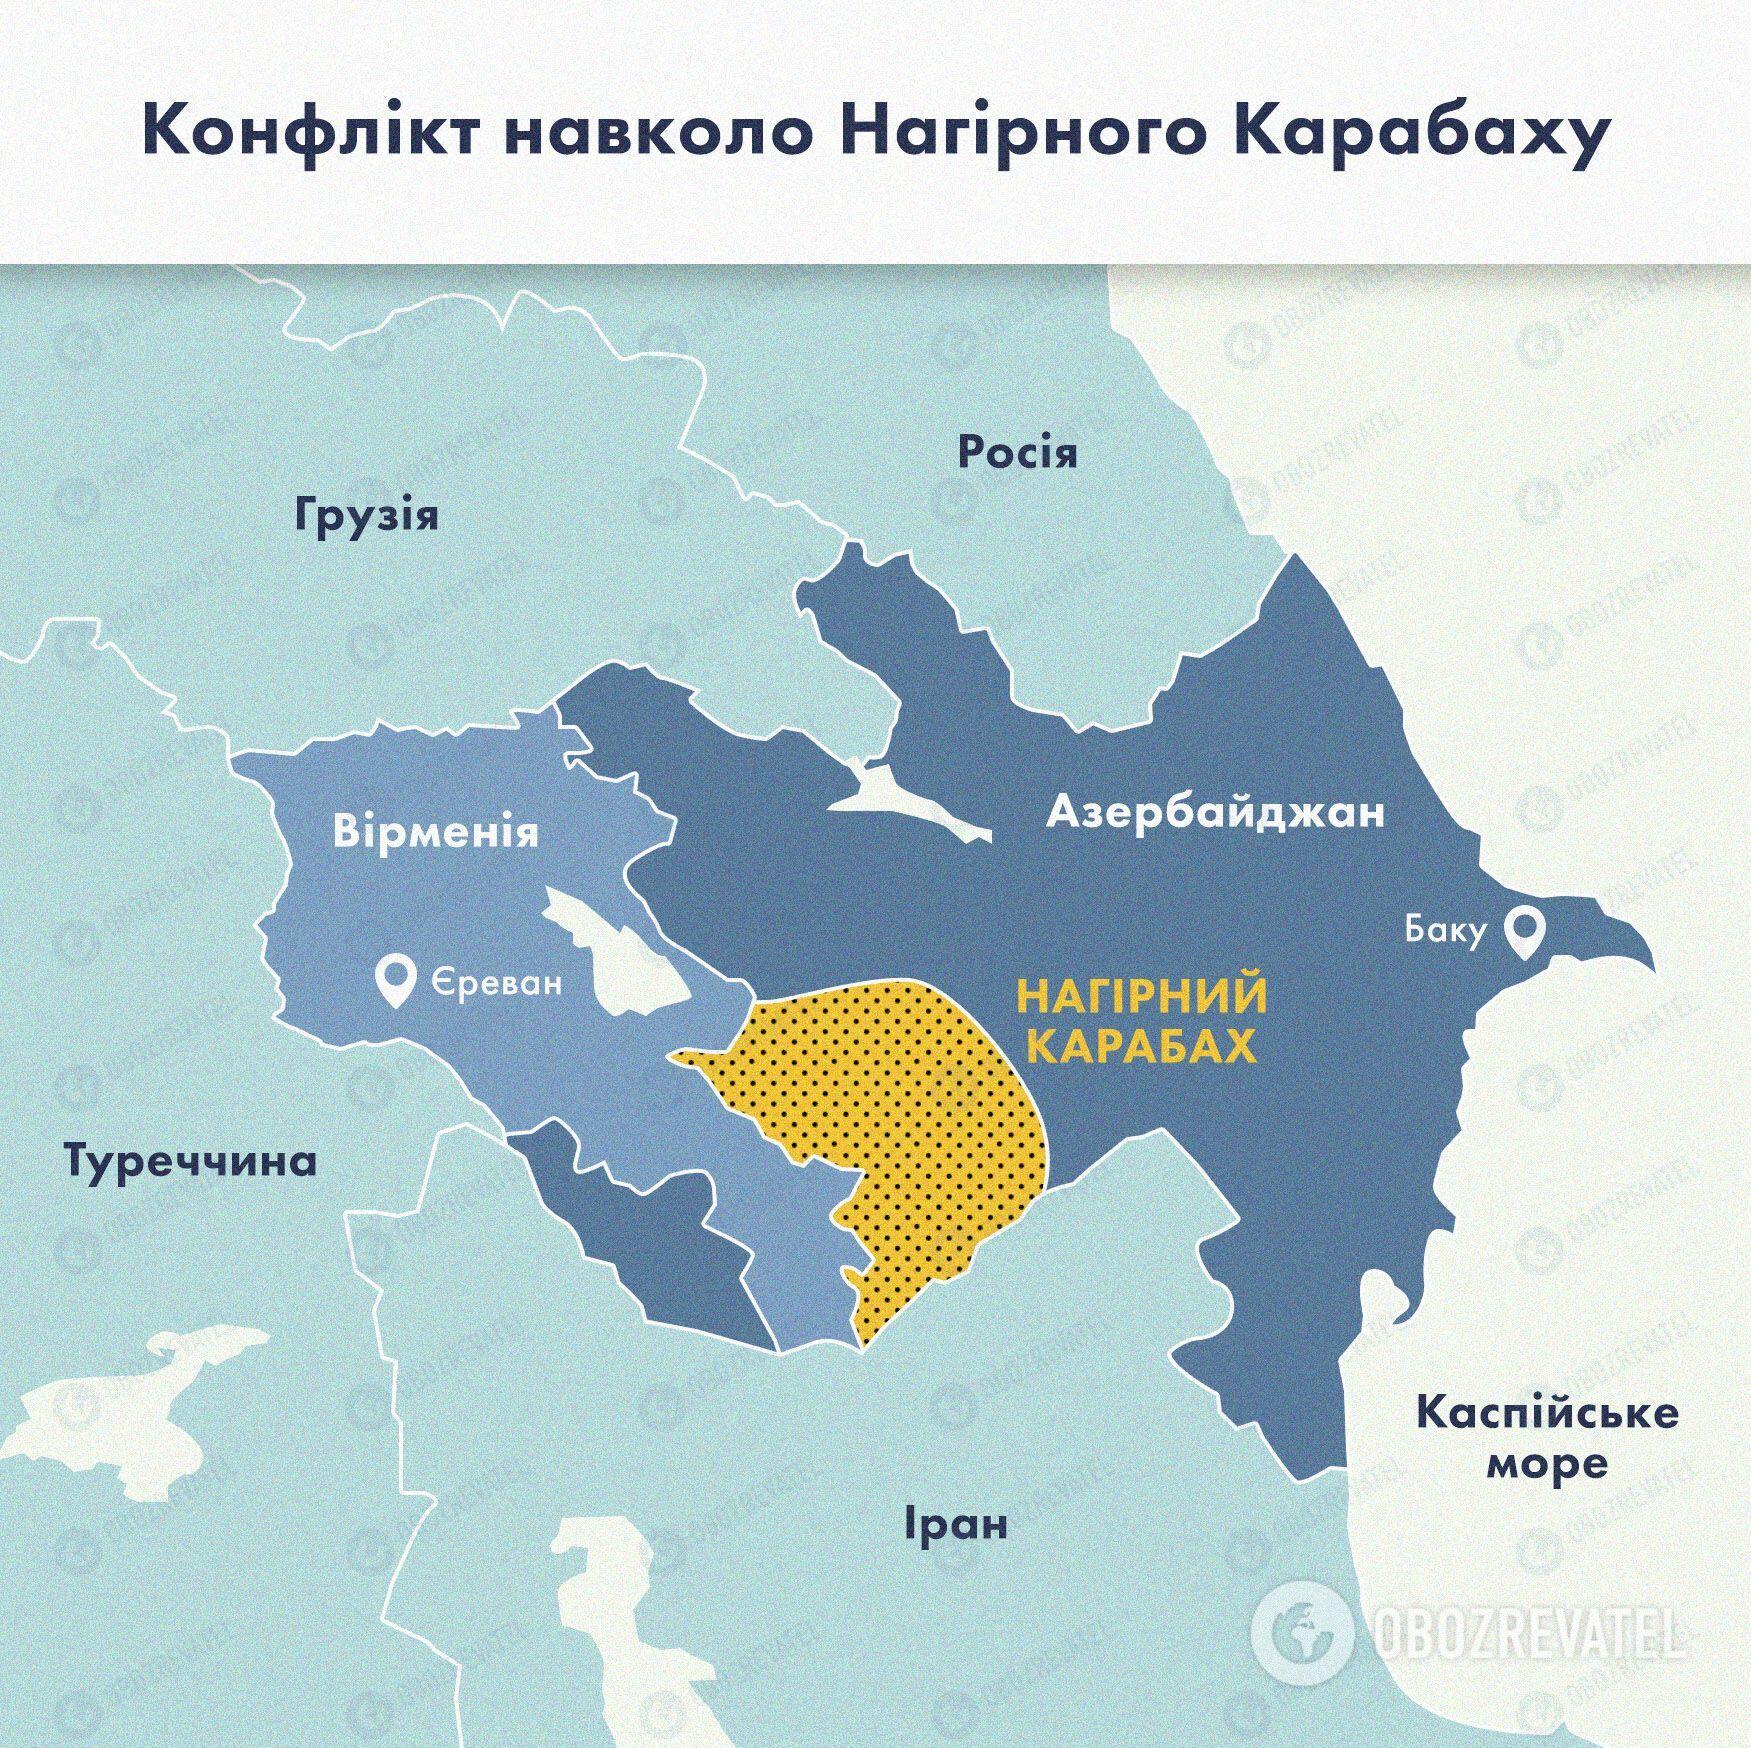 Территория, где развернулись боевые действия между Азербайджаном и Арменией